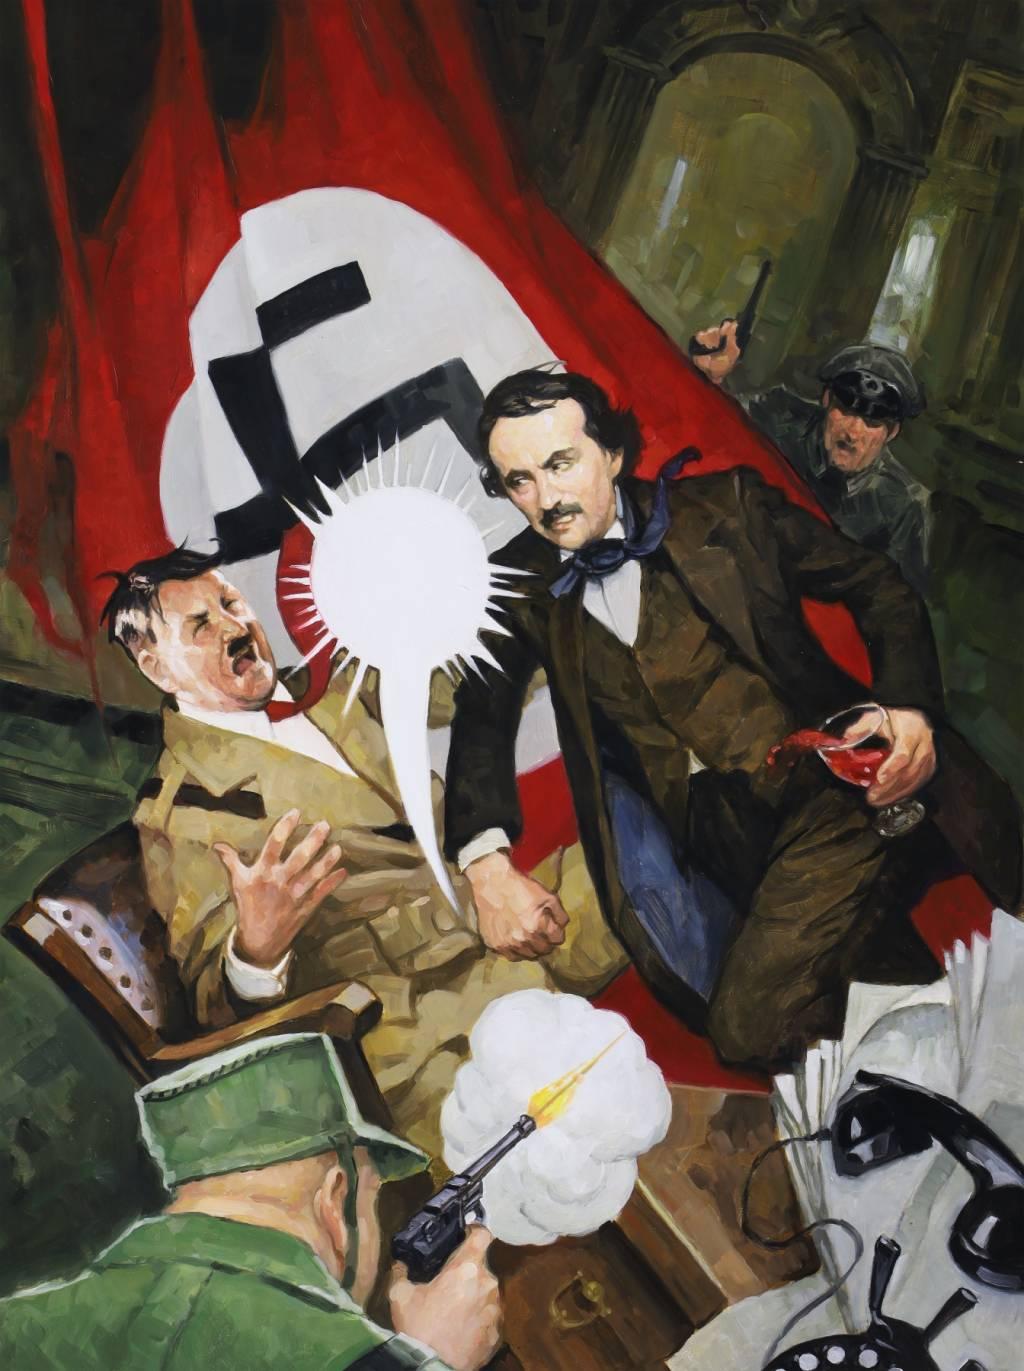 Про Эдгара Аллана По рисуют очень странные комиксы из серии Snifter Of Terror. Вот их обложки 1